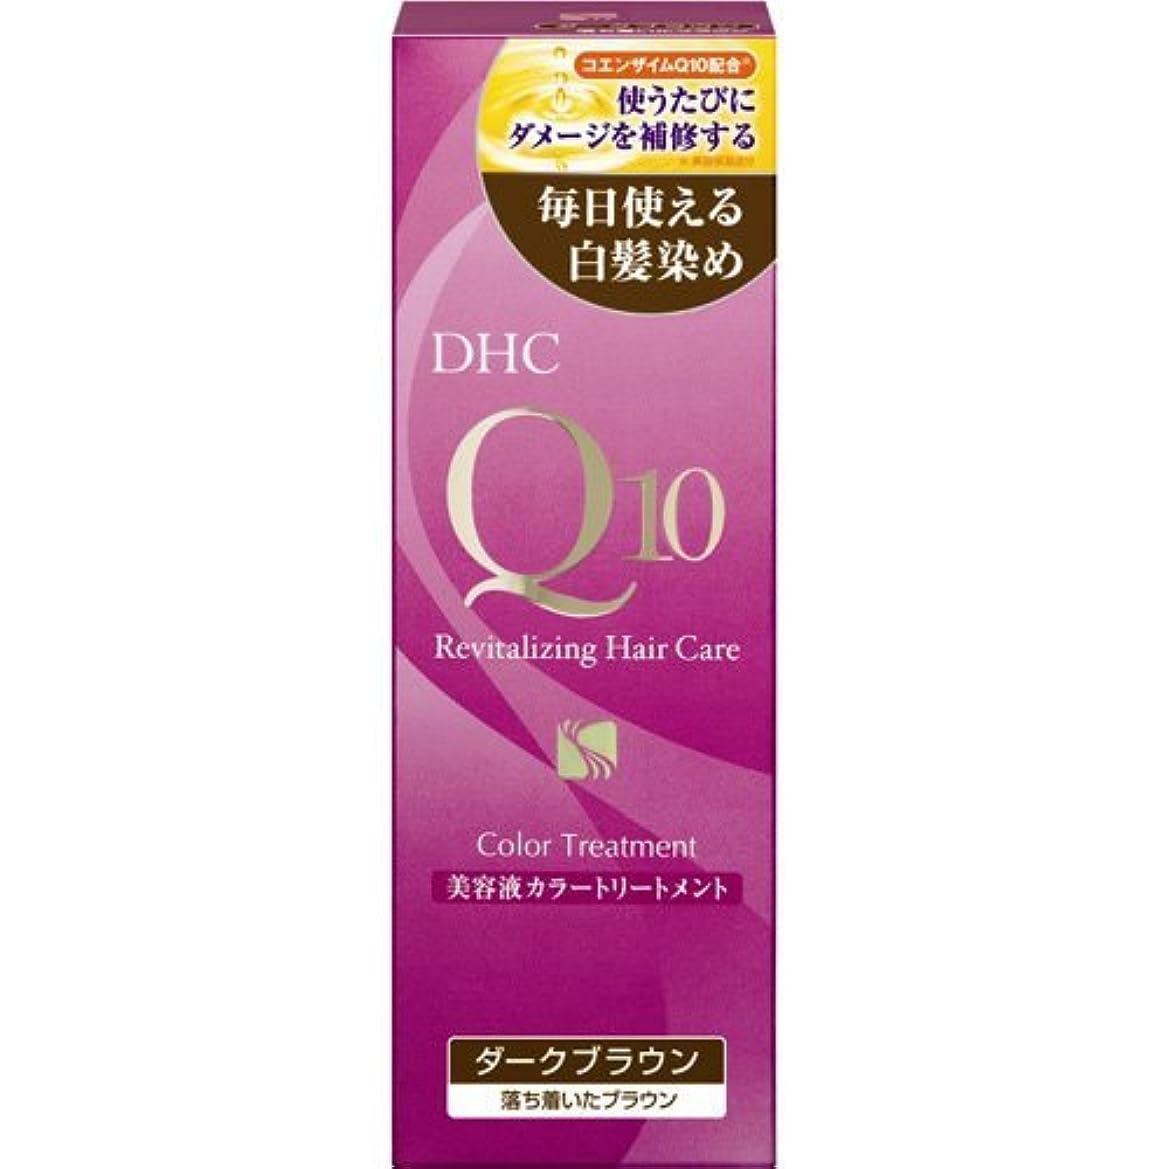 シーサイドコース自動化【まとめ買い】DHC Q10美溶液カラートリートメントDブラウンSS170g ×6個